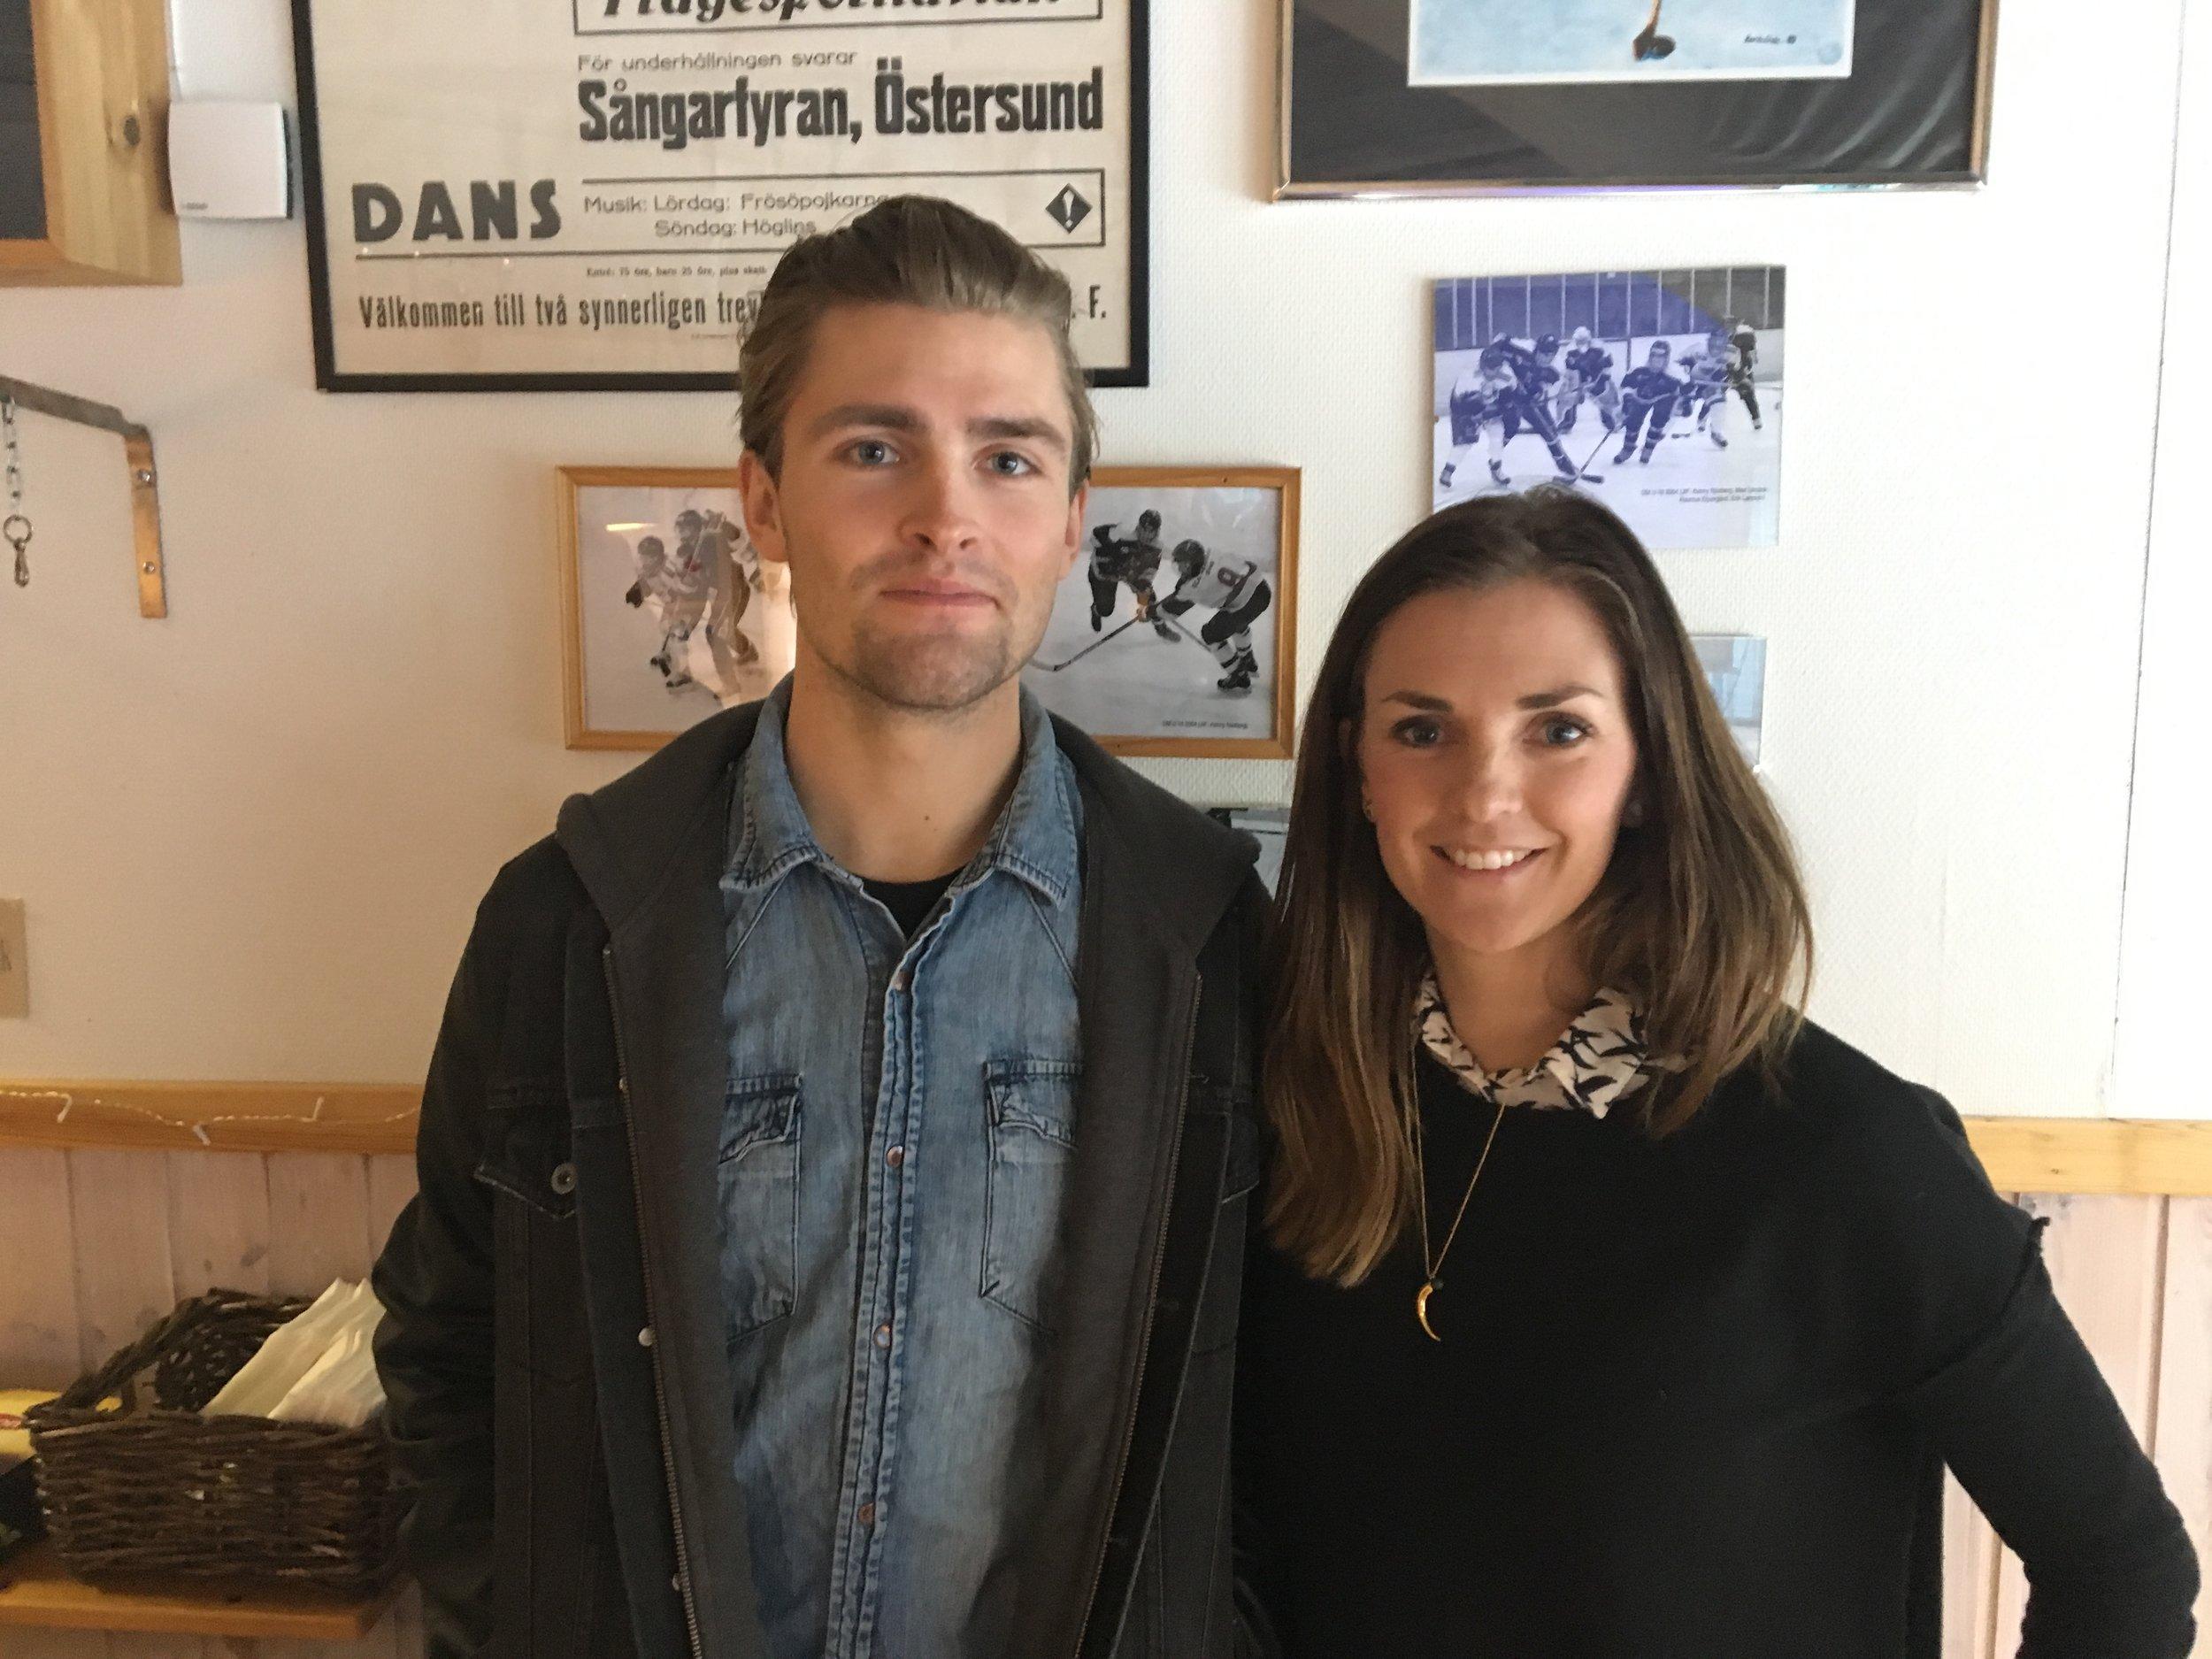 Ludvig Fjällström och Johanna Ojala efter genomfört dubbelpass i föreläsning på föreningsmässan i Järpen